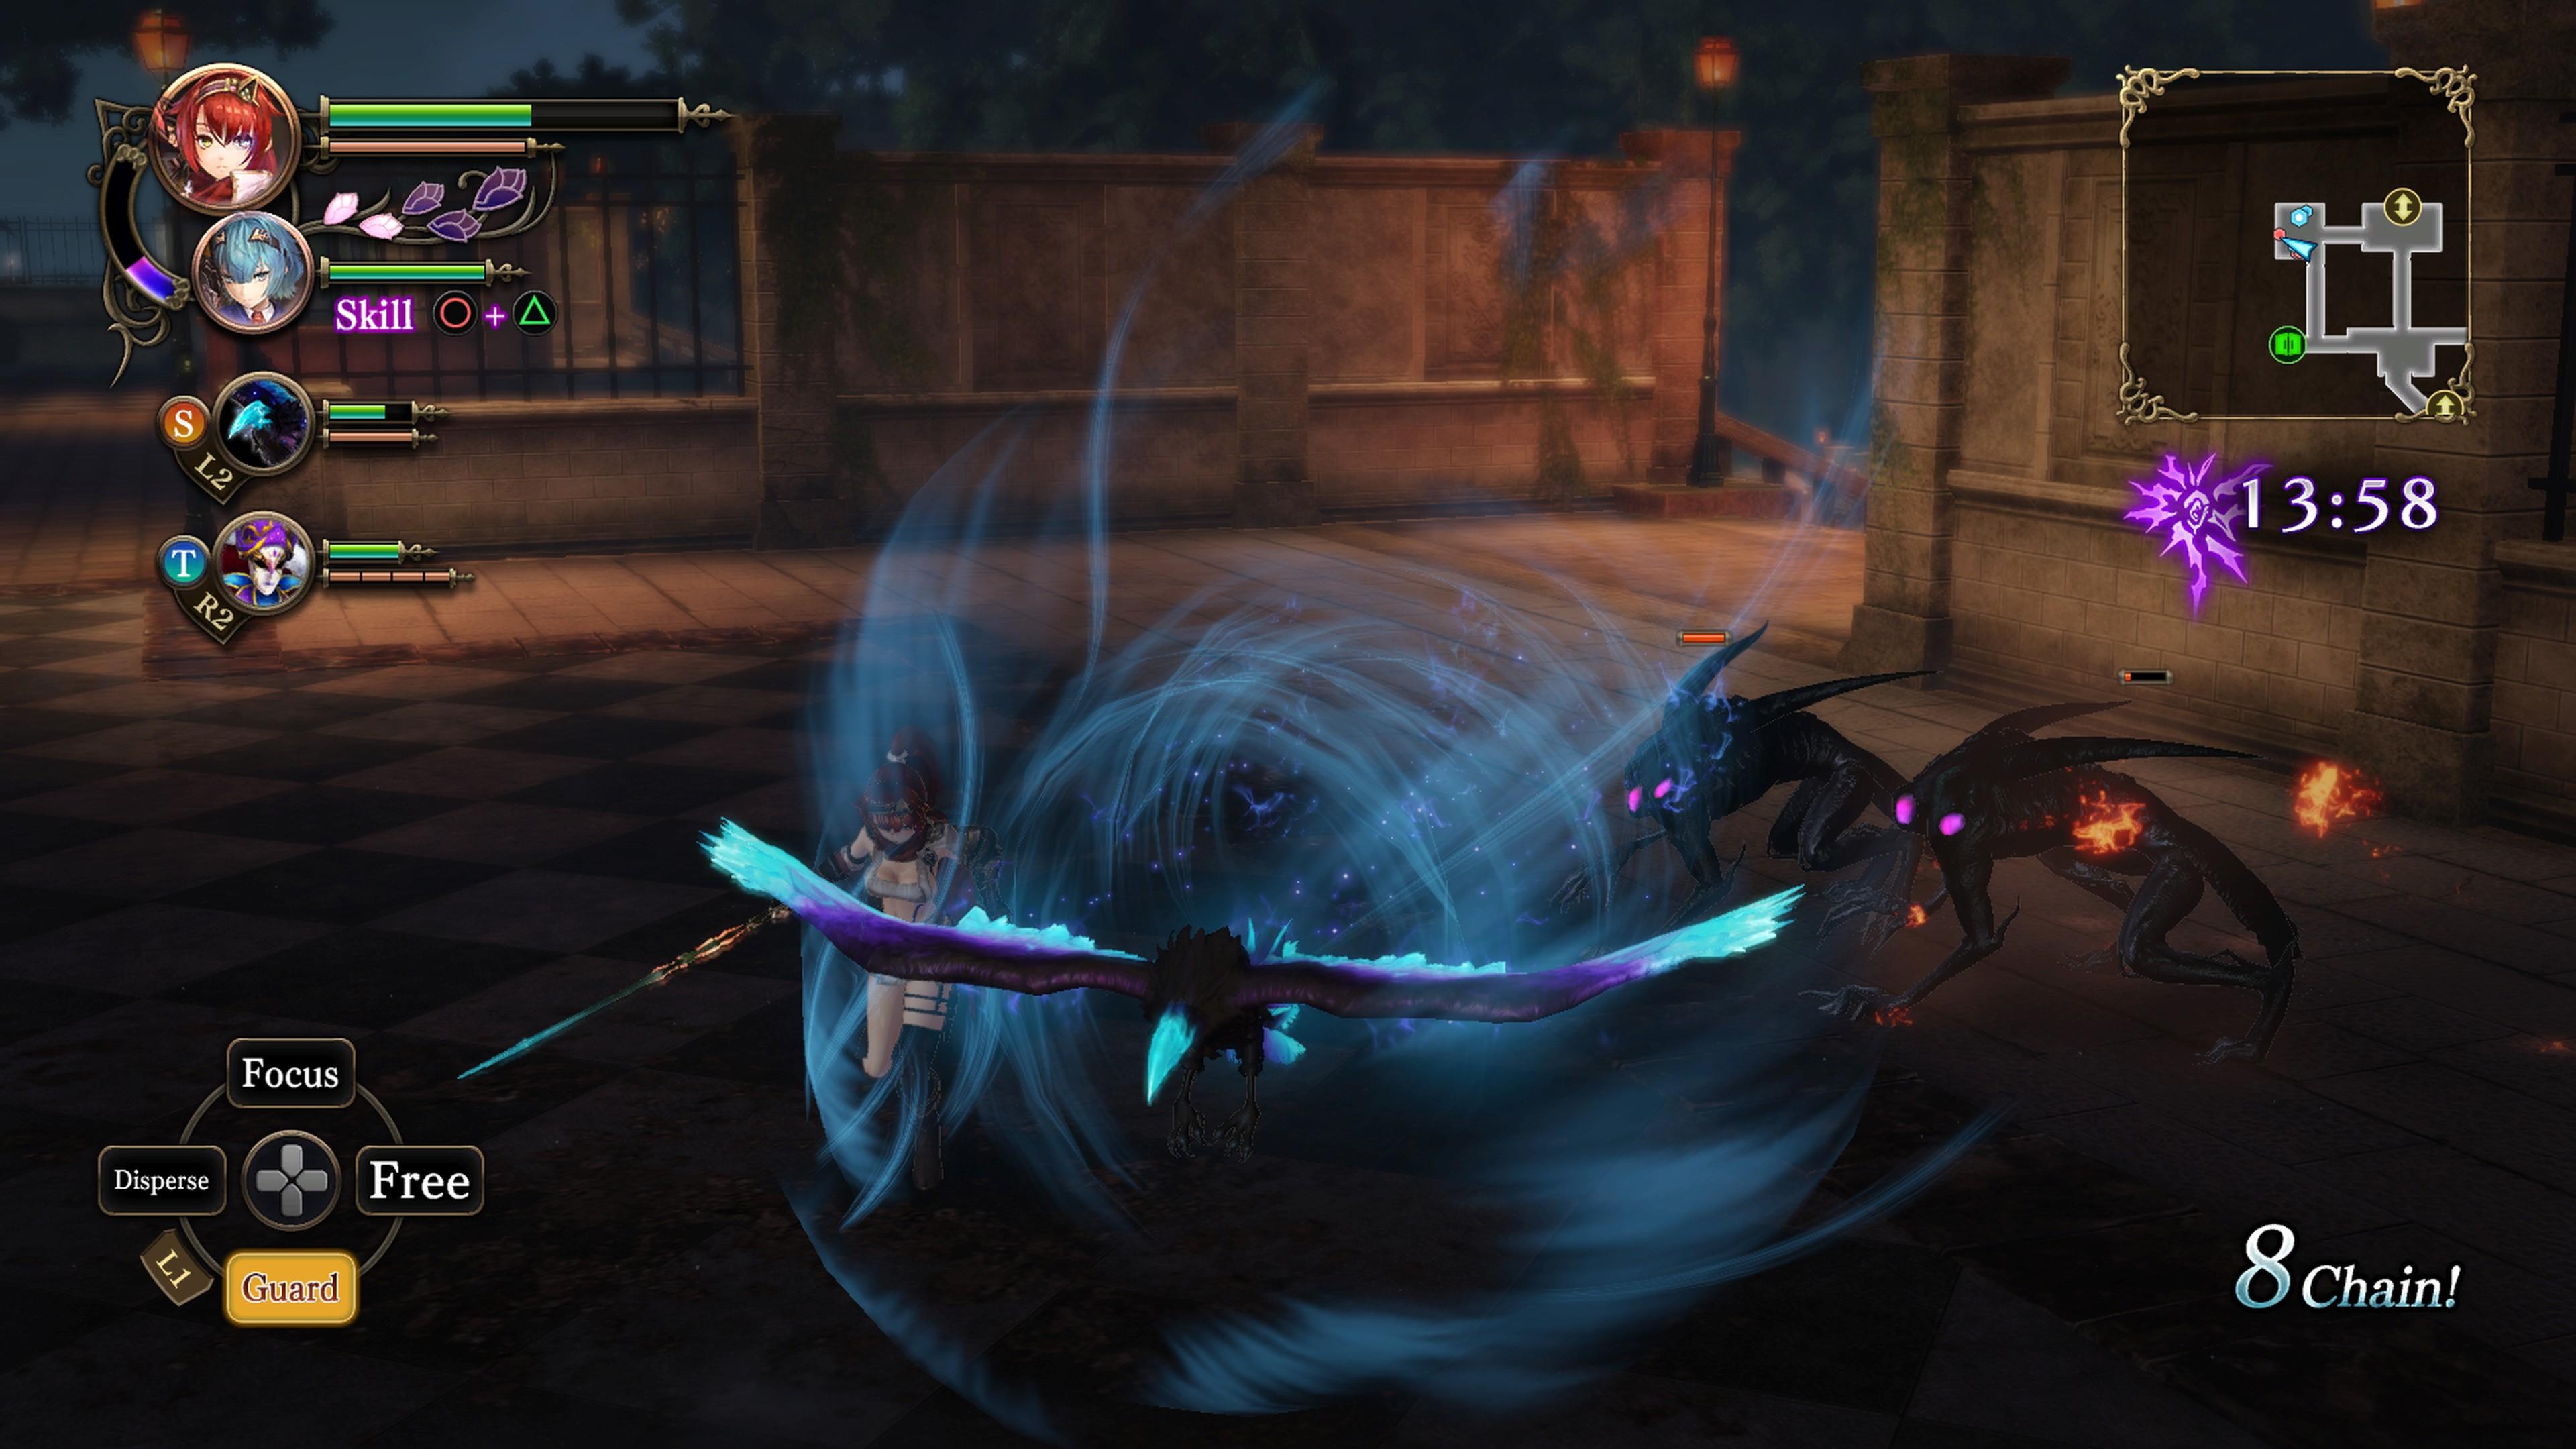 Detaily bojového sytému Nights of Azure 2 a bonusy po vydání 149817